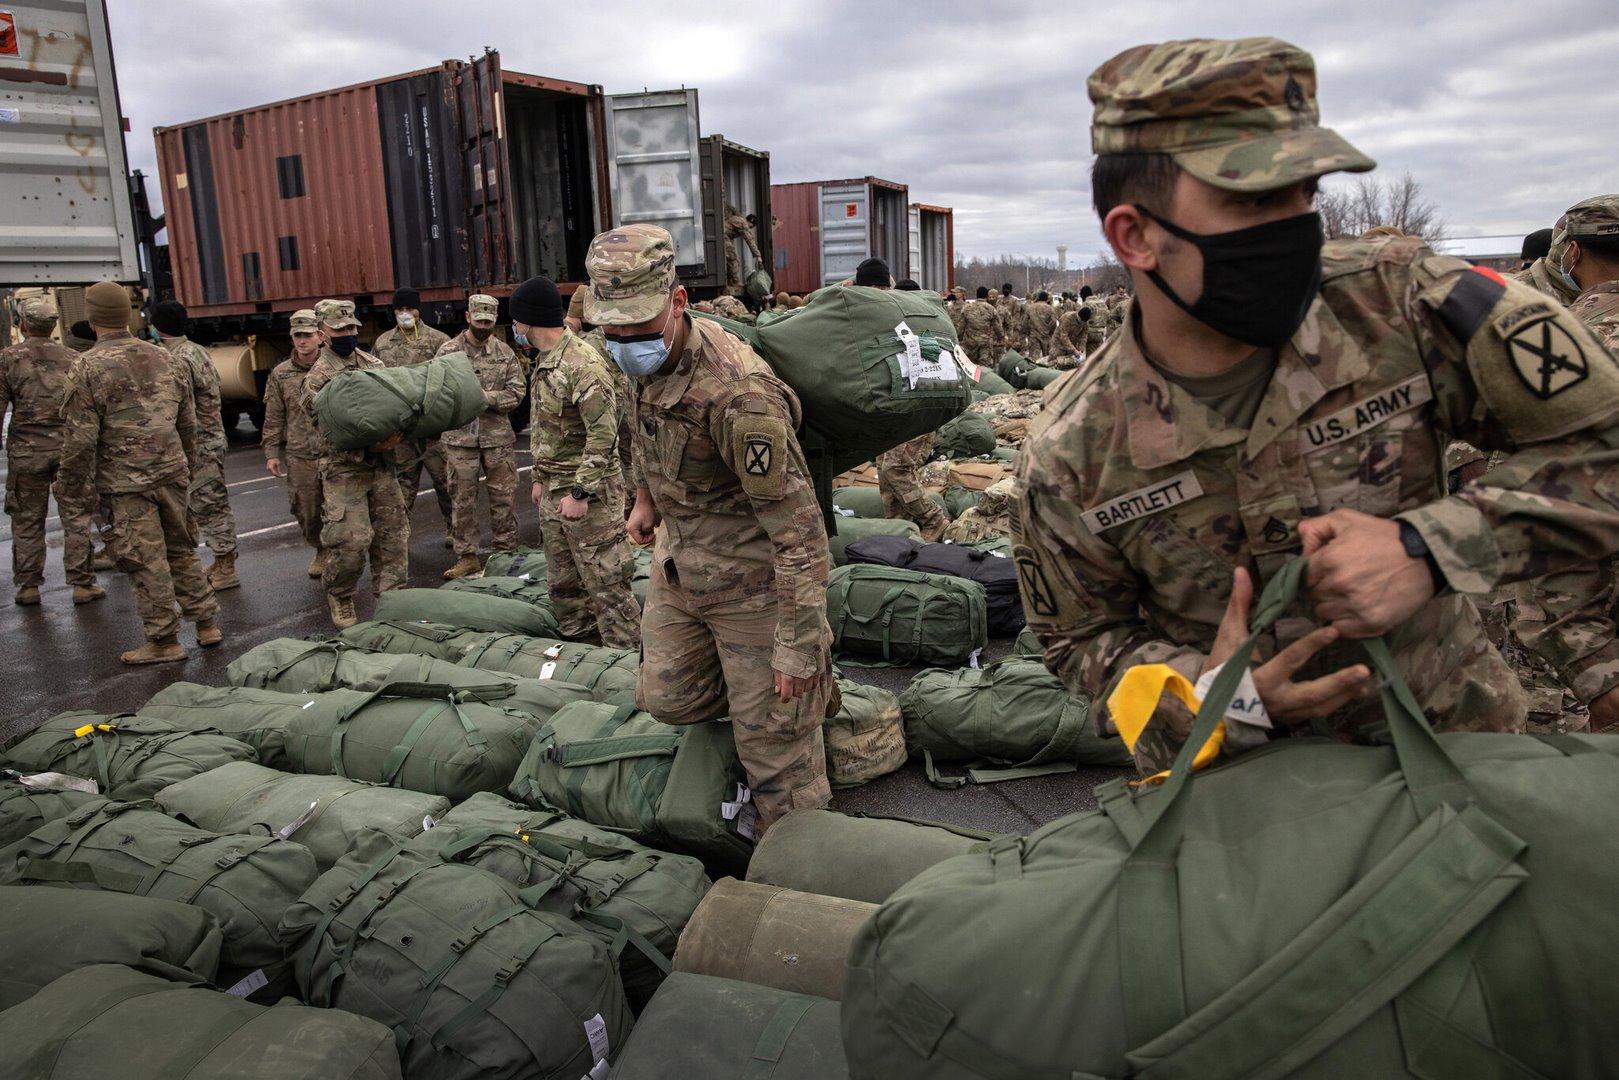 واشنطن تعتزم مساعدة أفغانستان منعاً لتحولها وكراً للإرهابيين